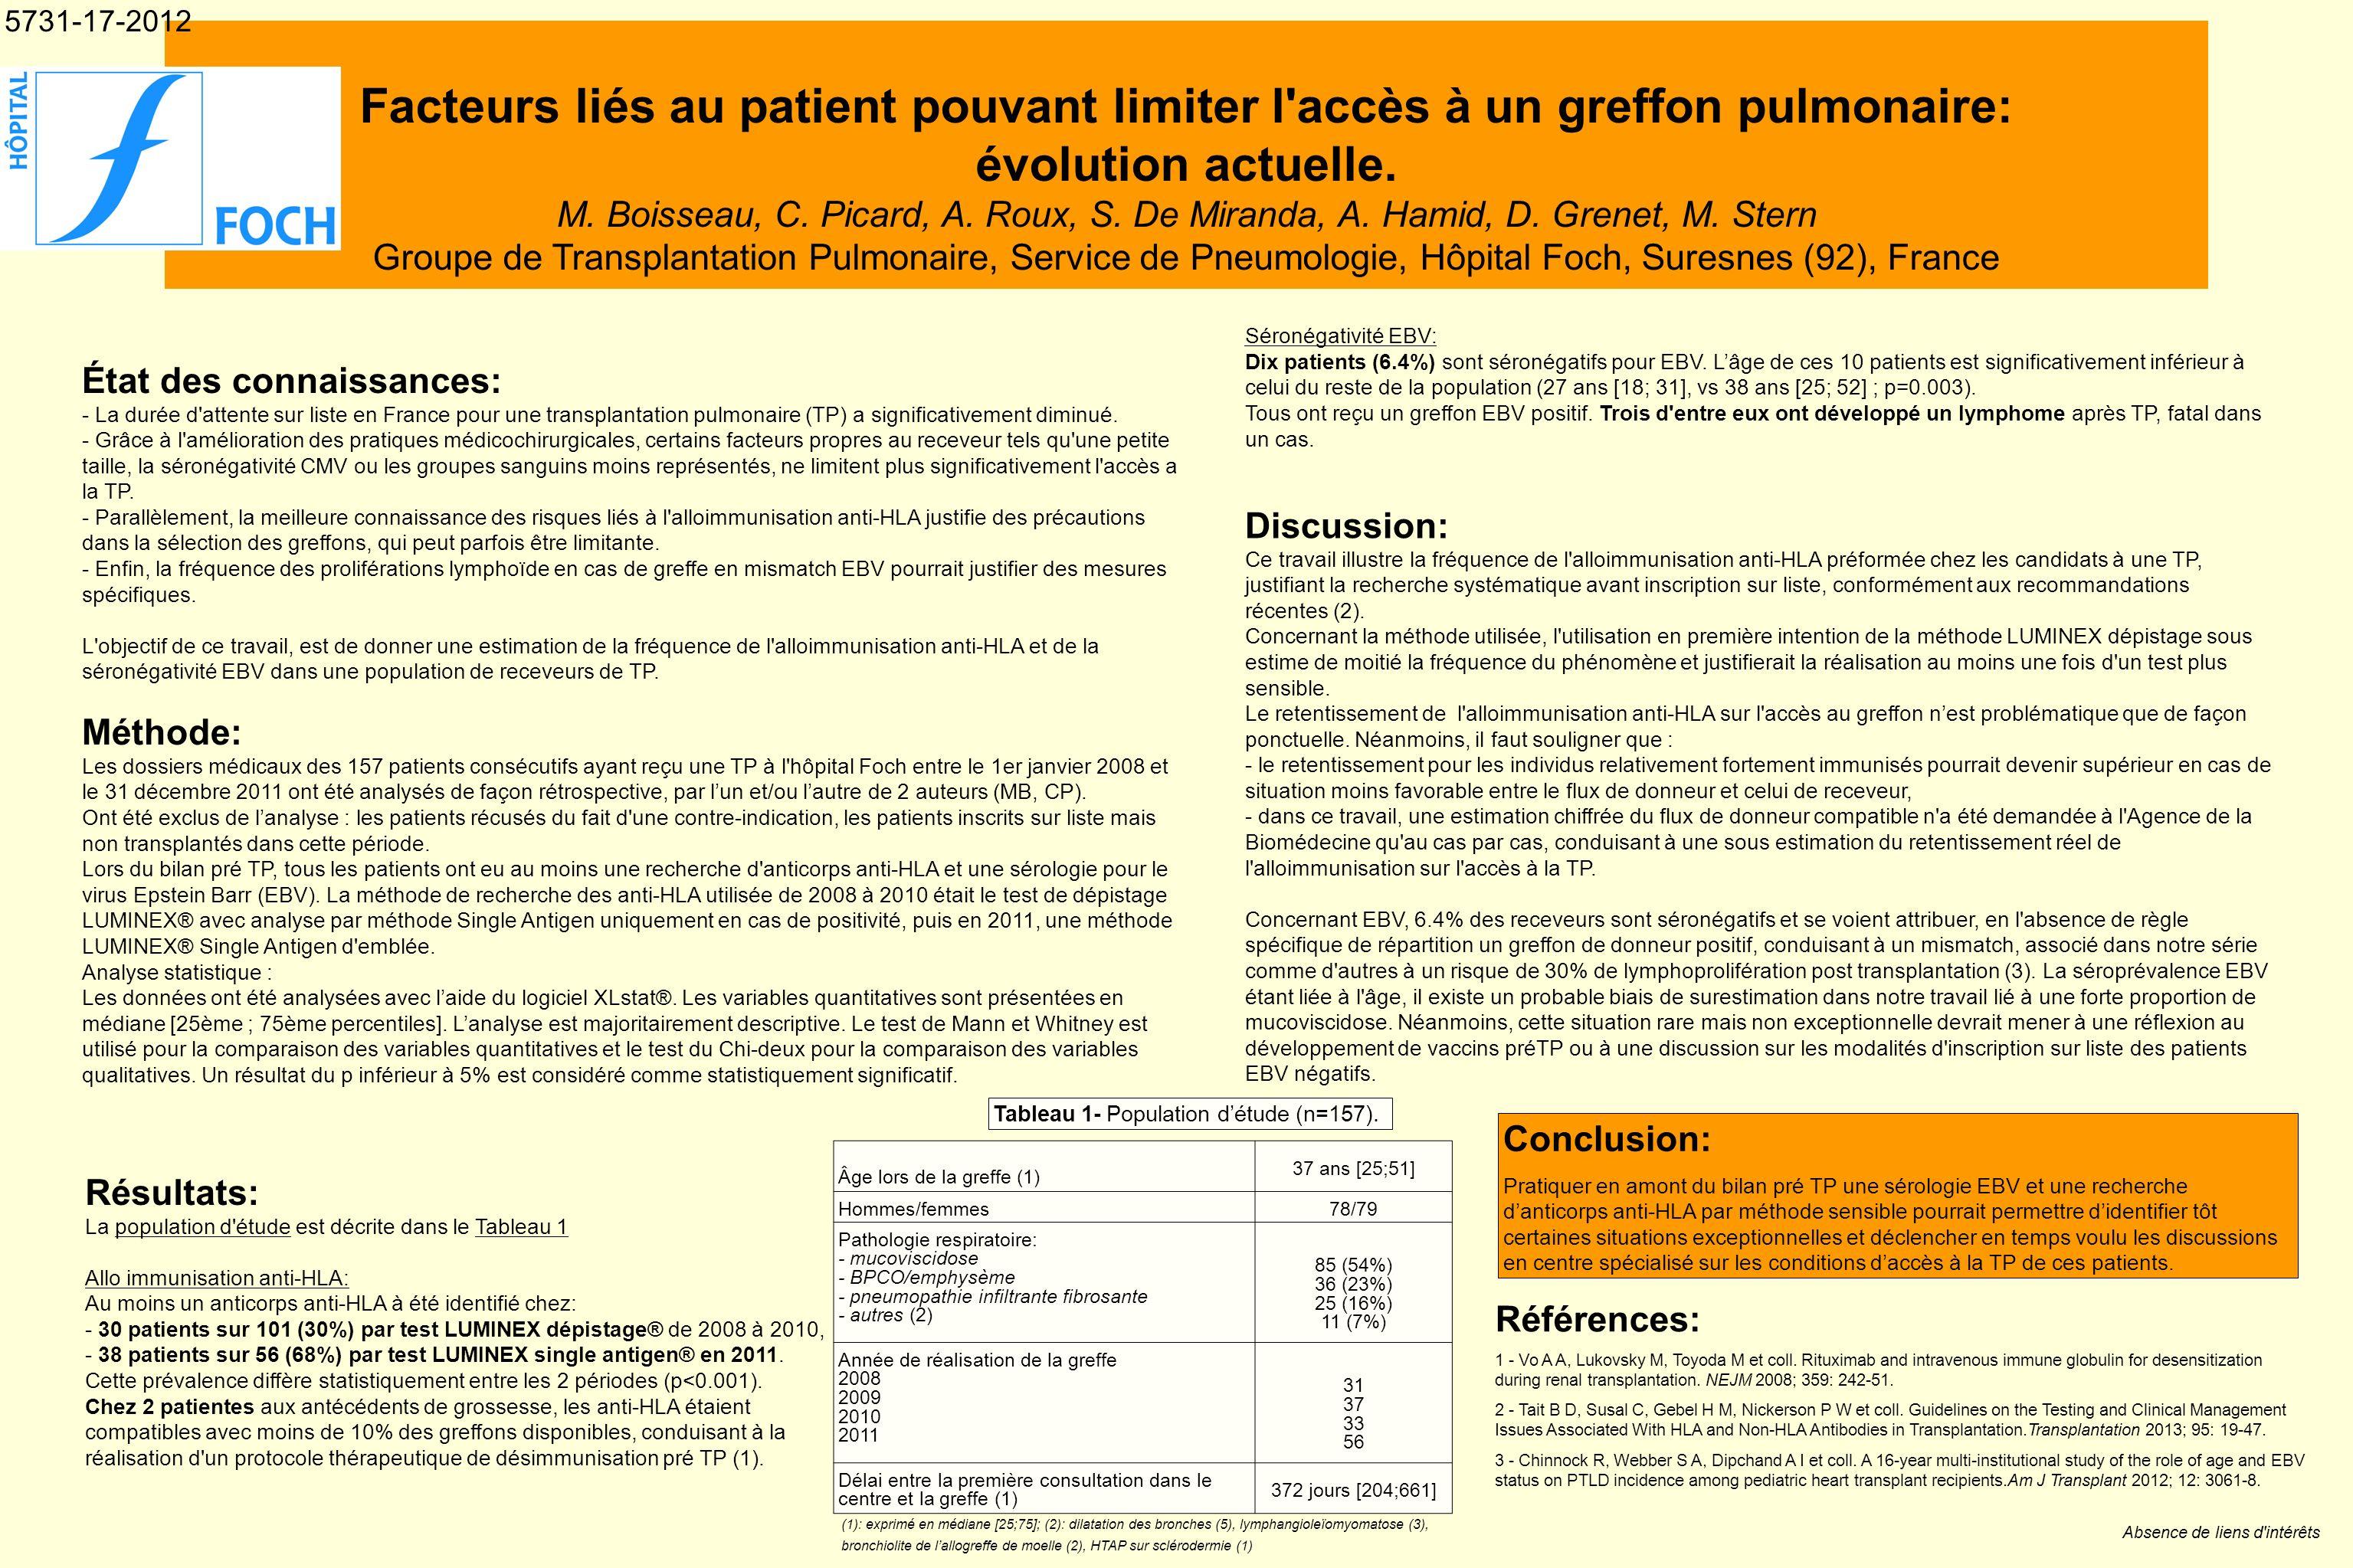 Facteurs liés au patient pouvant limiter l'accès à un greffon pulmonaire: évolution actuelle. M. Boisseau, C. Picard, A. Roux, S. De Miranda, A. Hamid